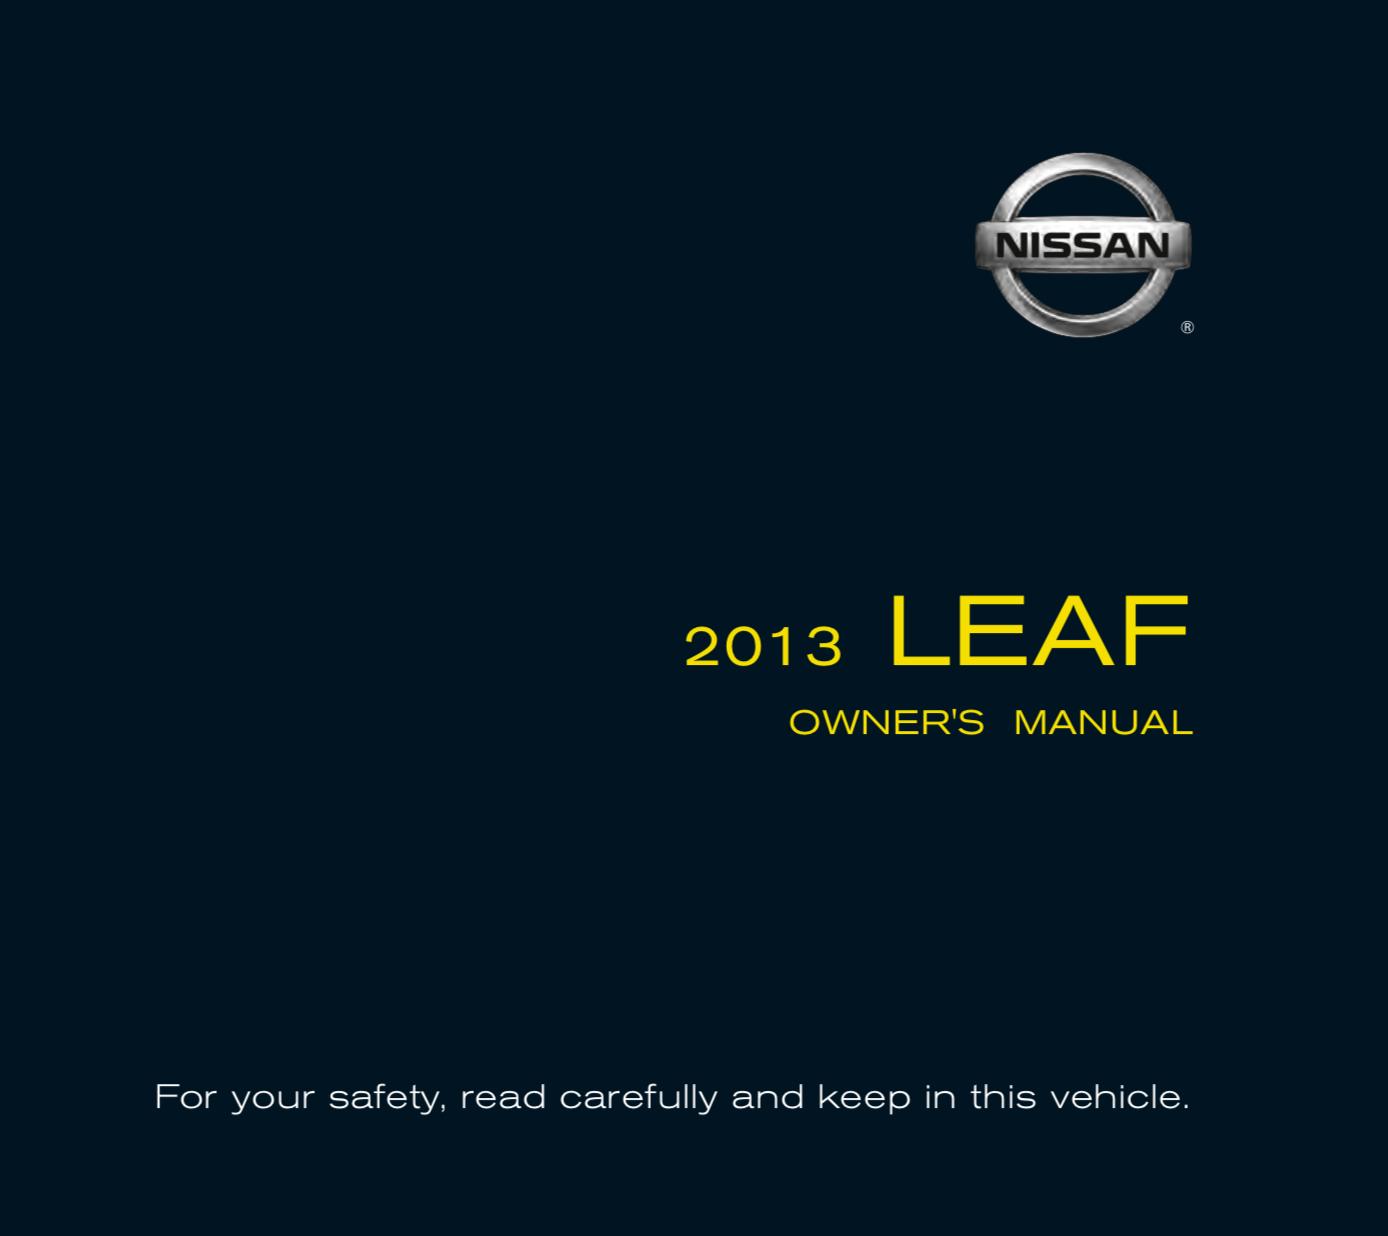 Owner's Manual 2013